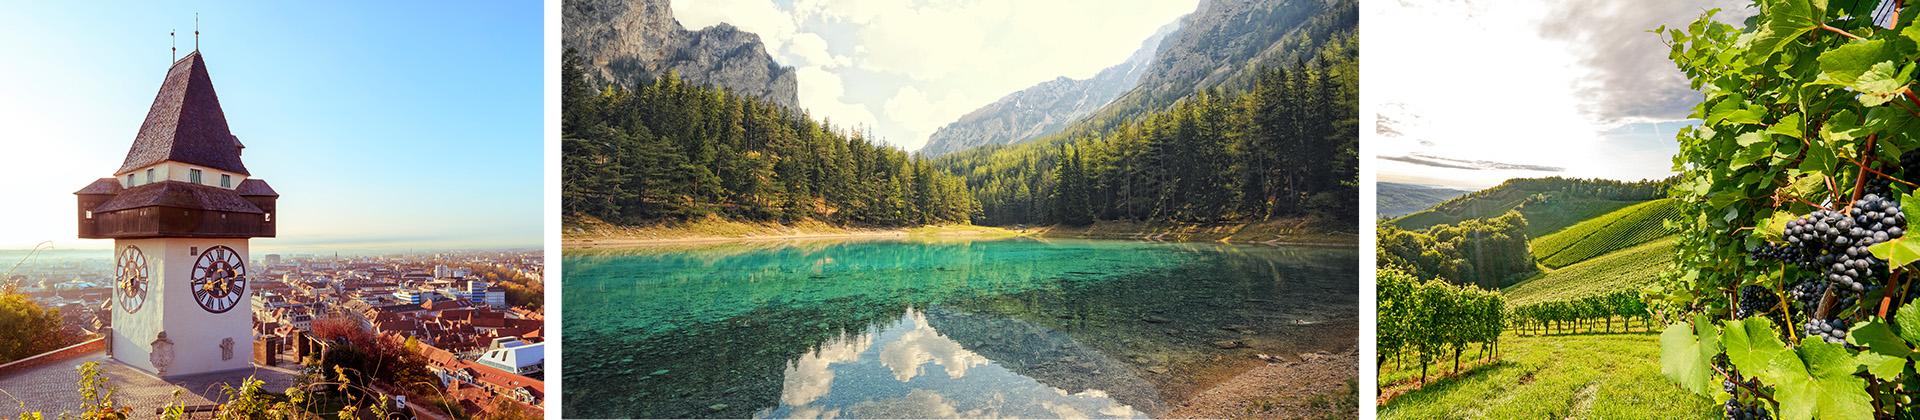 Orte in der wunderschönen Steiermark während der Osterferien